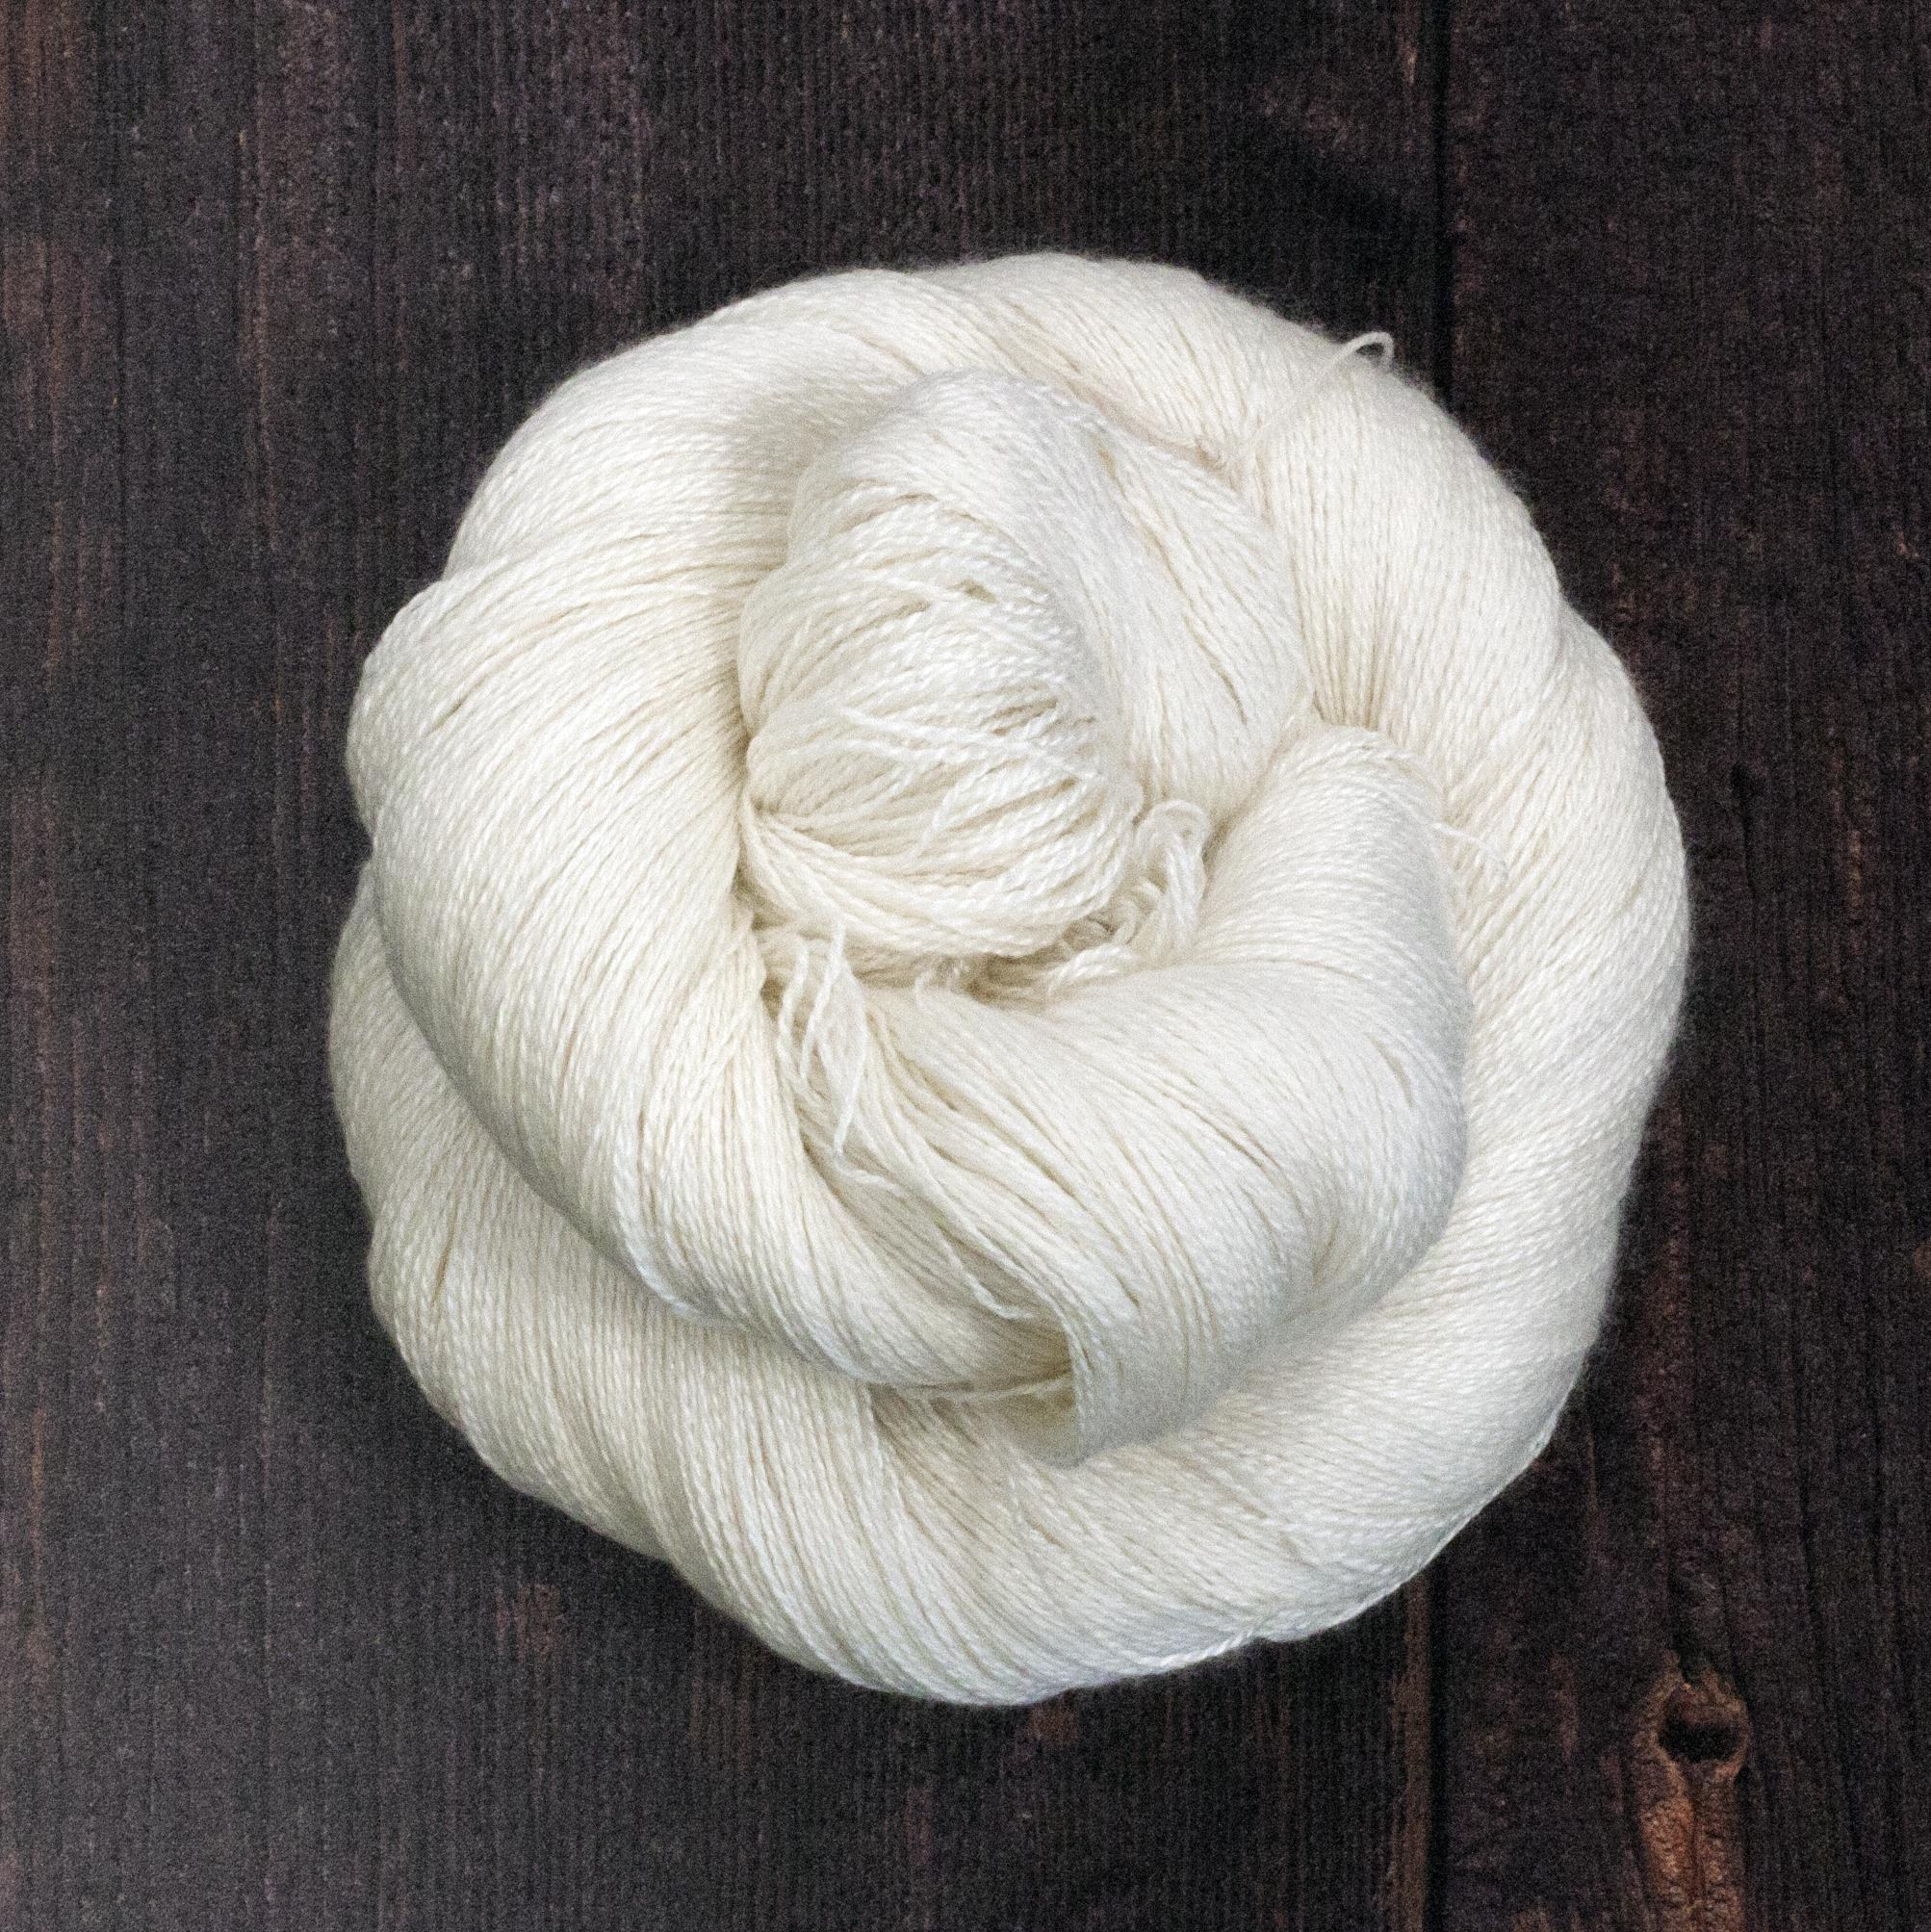 Type 49014  Posh Lace  50% Non Superwash Merino Wool 50% Silk  100g Hanks  800m per 100g 2/16nm